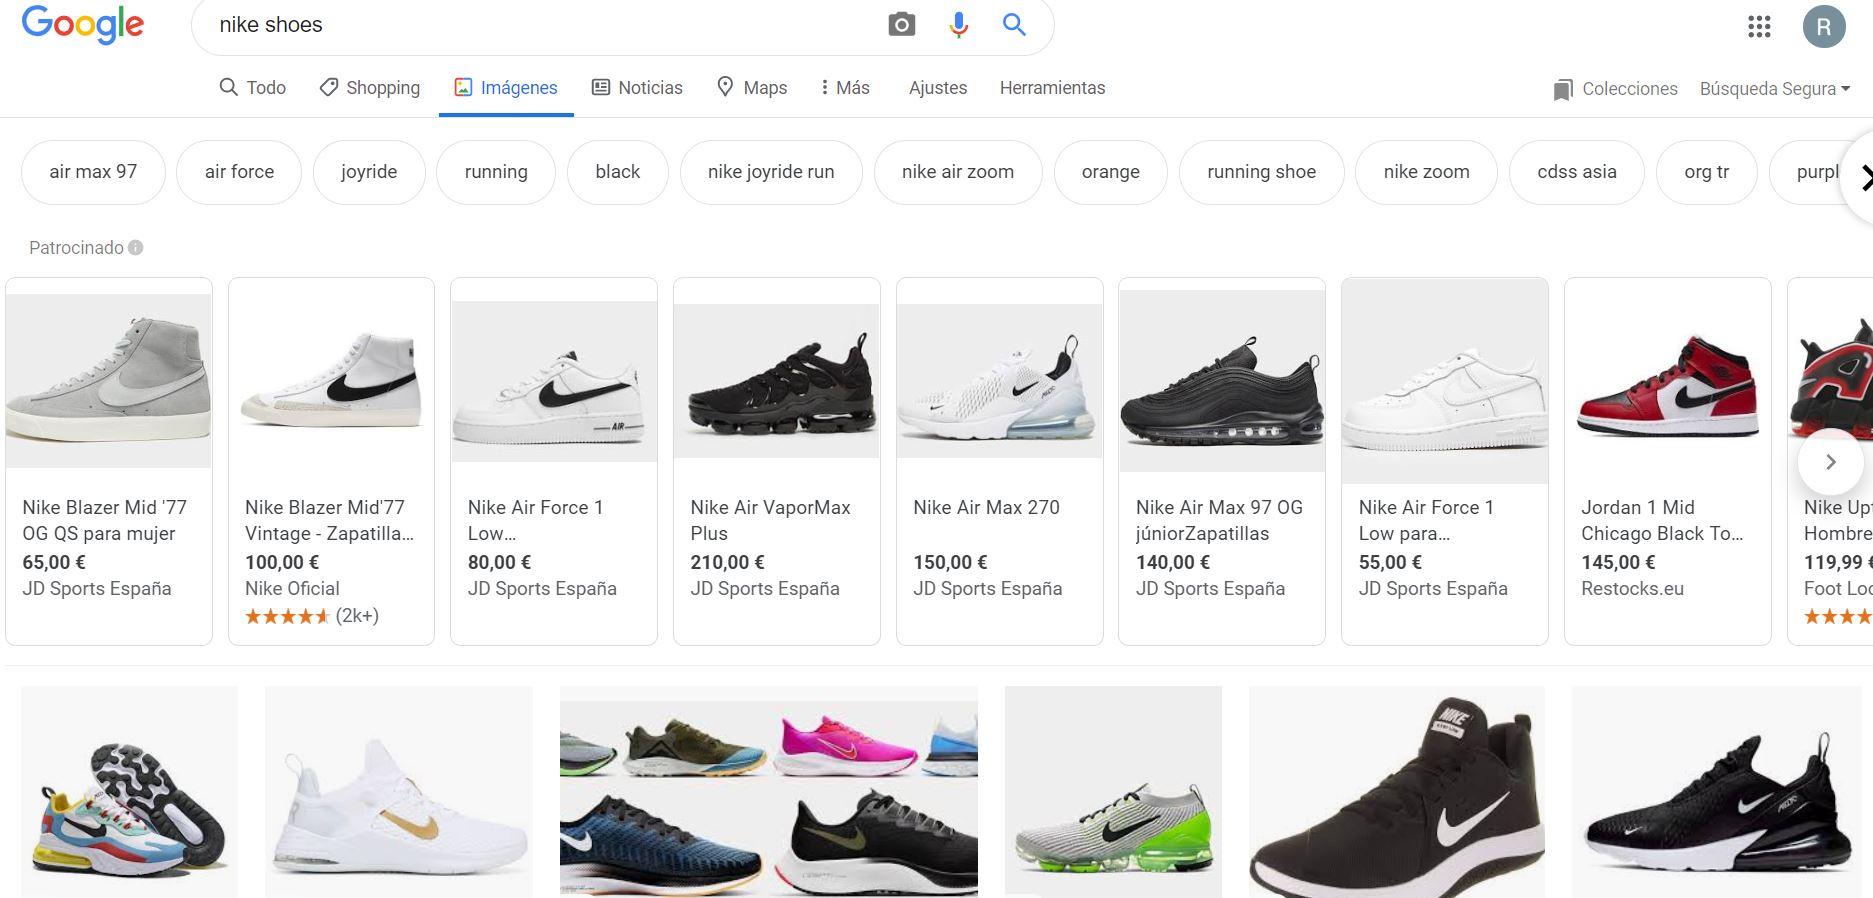 Google Shopping Images